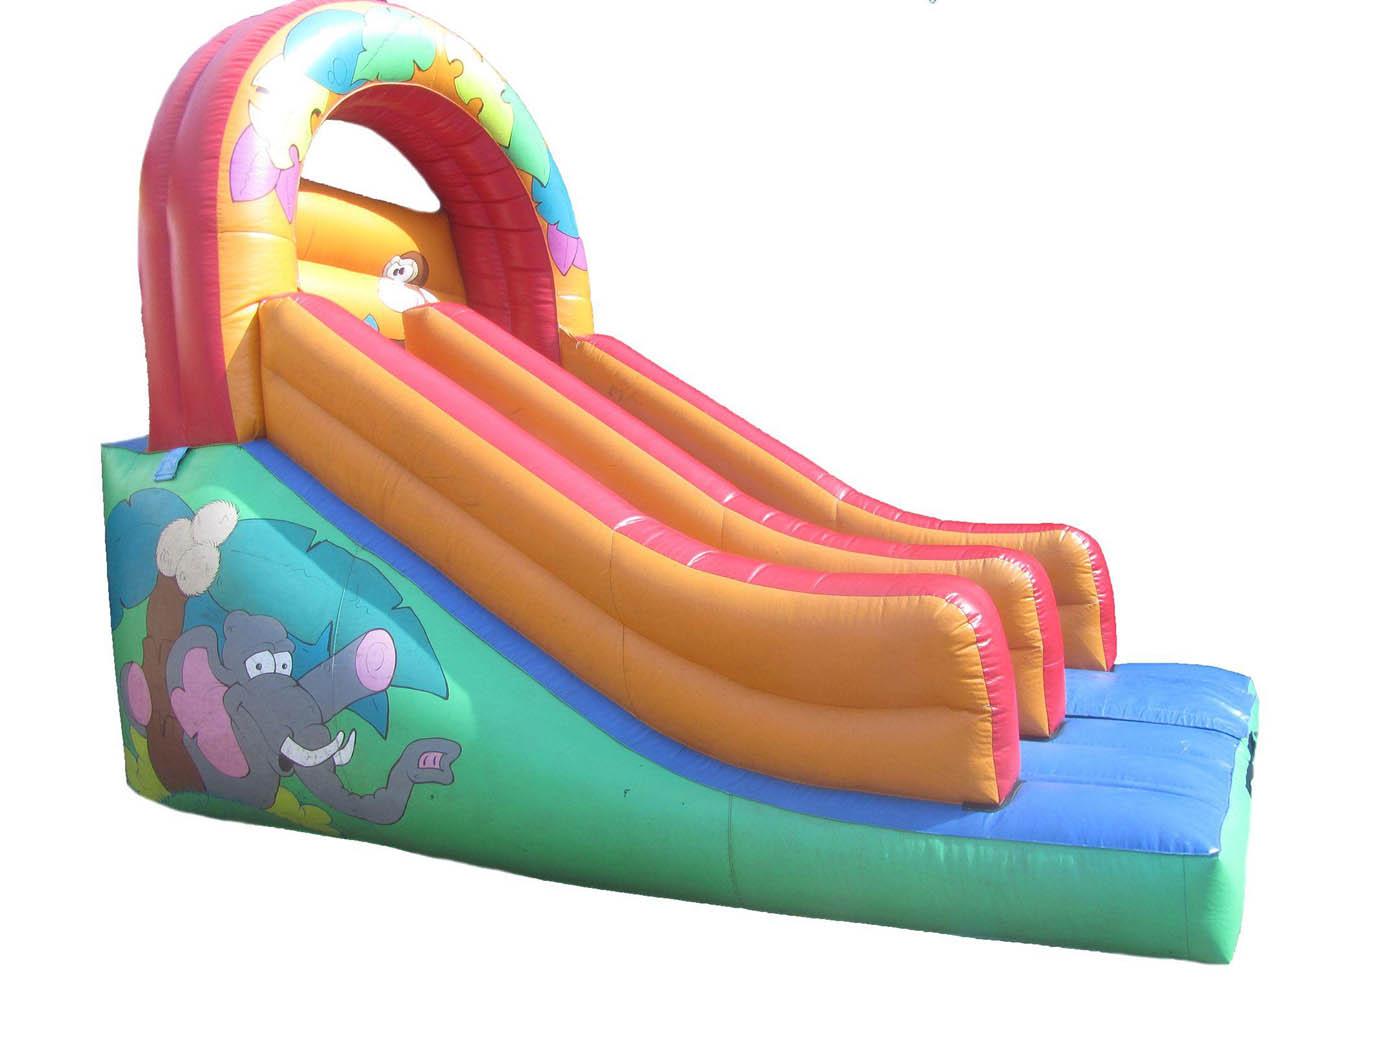 Repaired-animal-inflatable-platform-slide-compressor